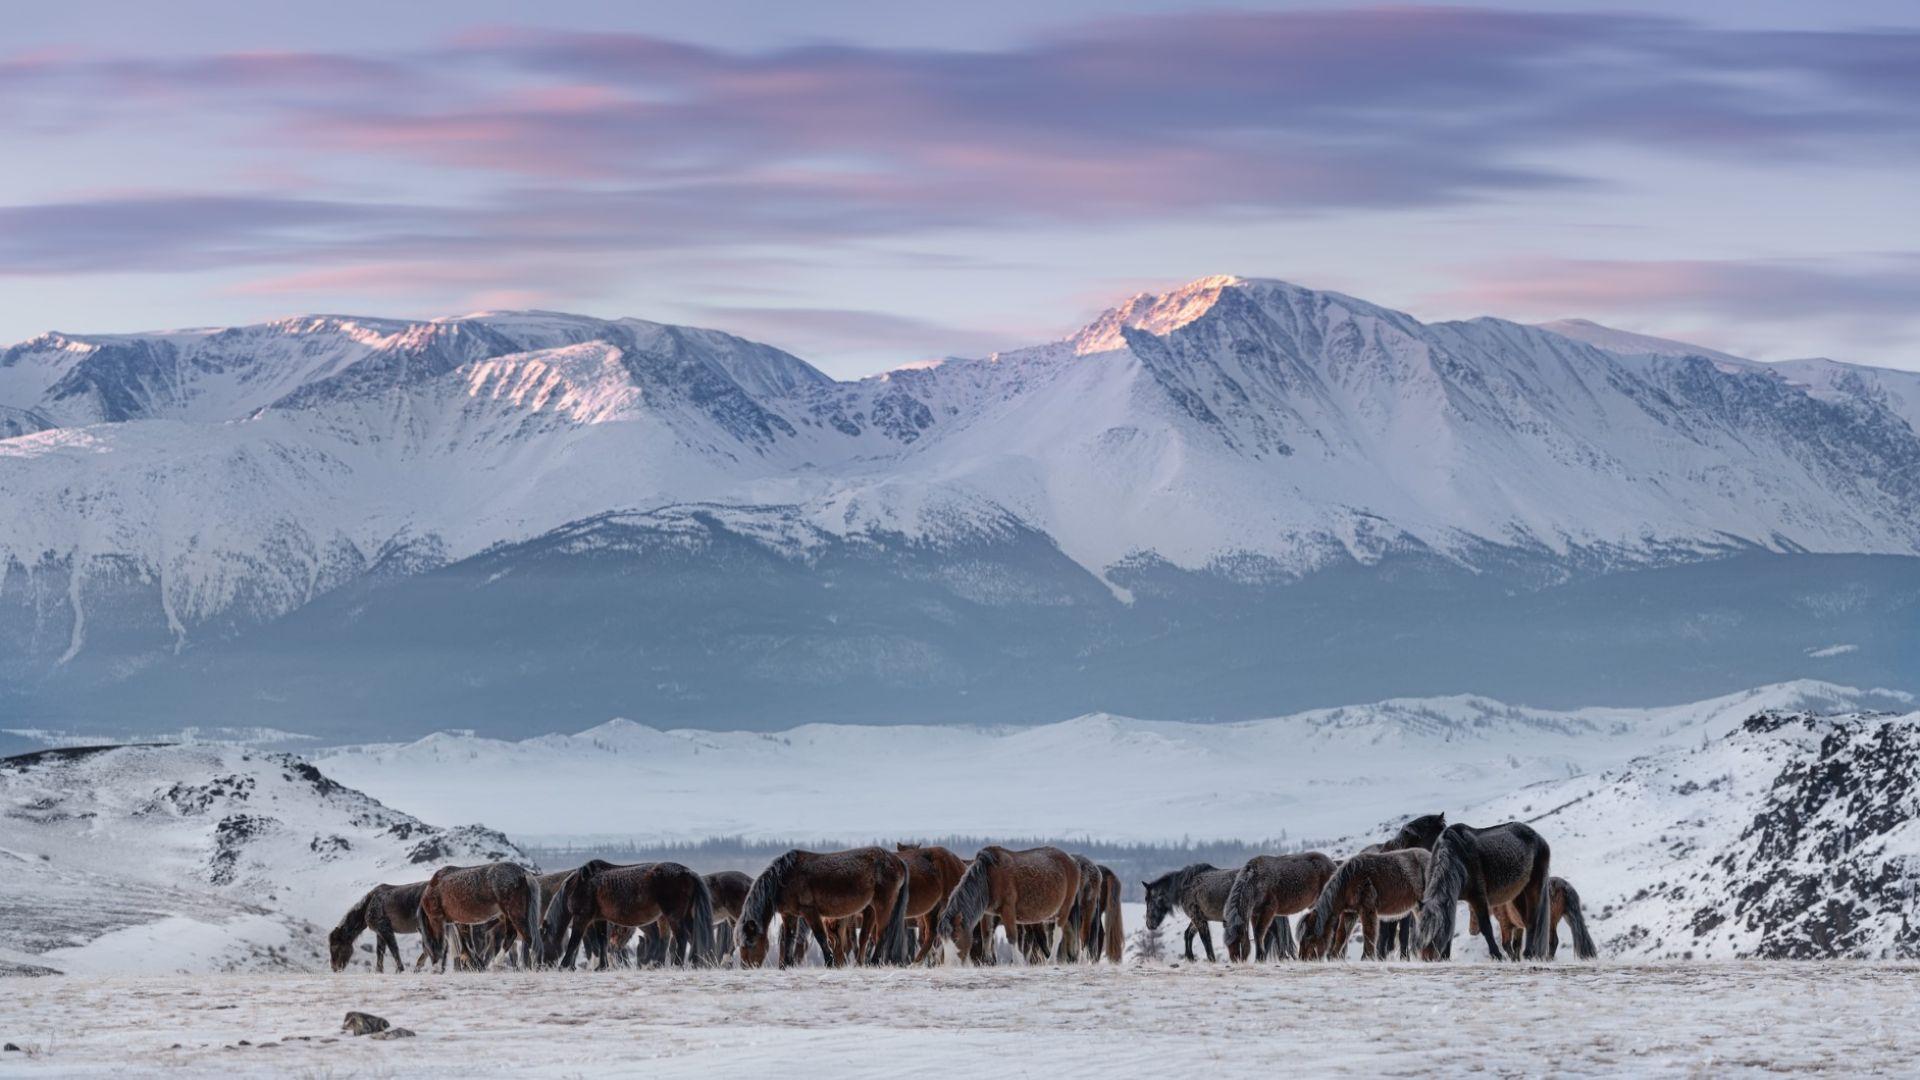 Откриха микропластмаса в снега и в най-отдалечените райони на Сибир